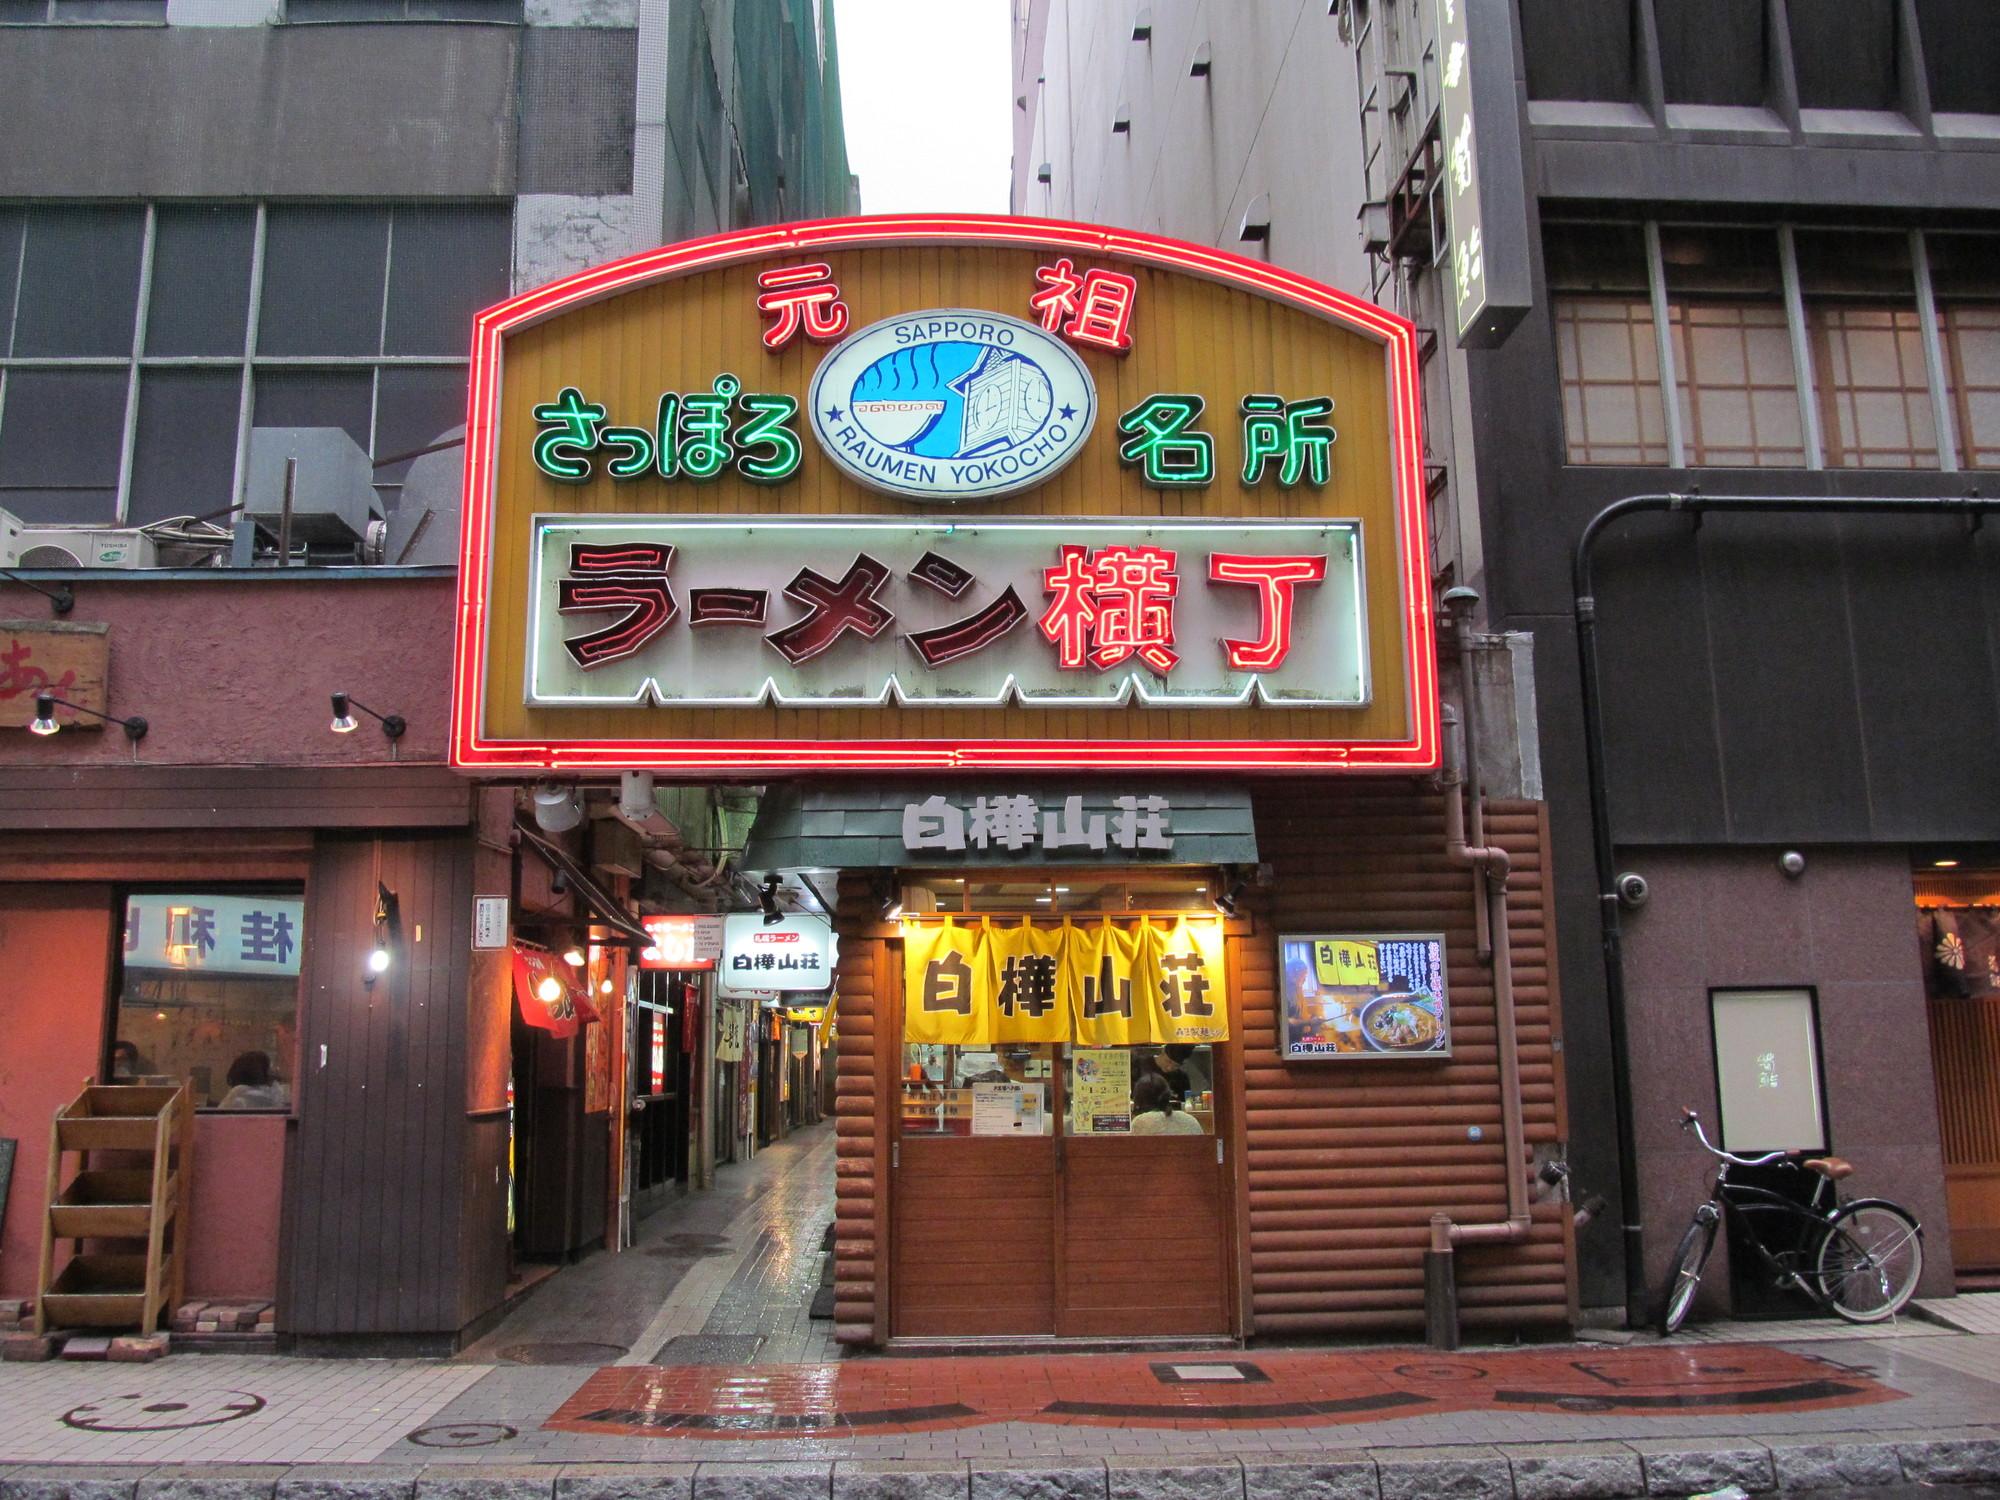 Ganso Sapporo Ramen Yokocho - Gang Ramen Terkenal Di Hokkaido, Jepang